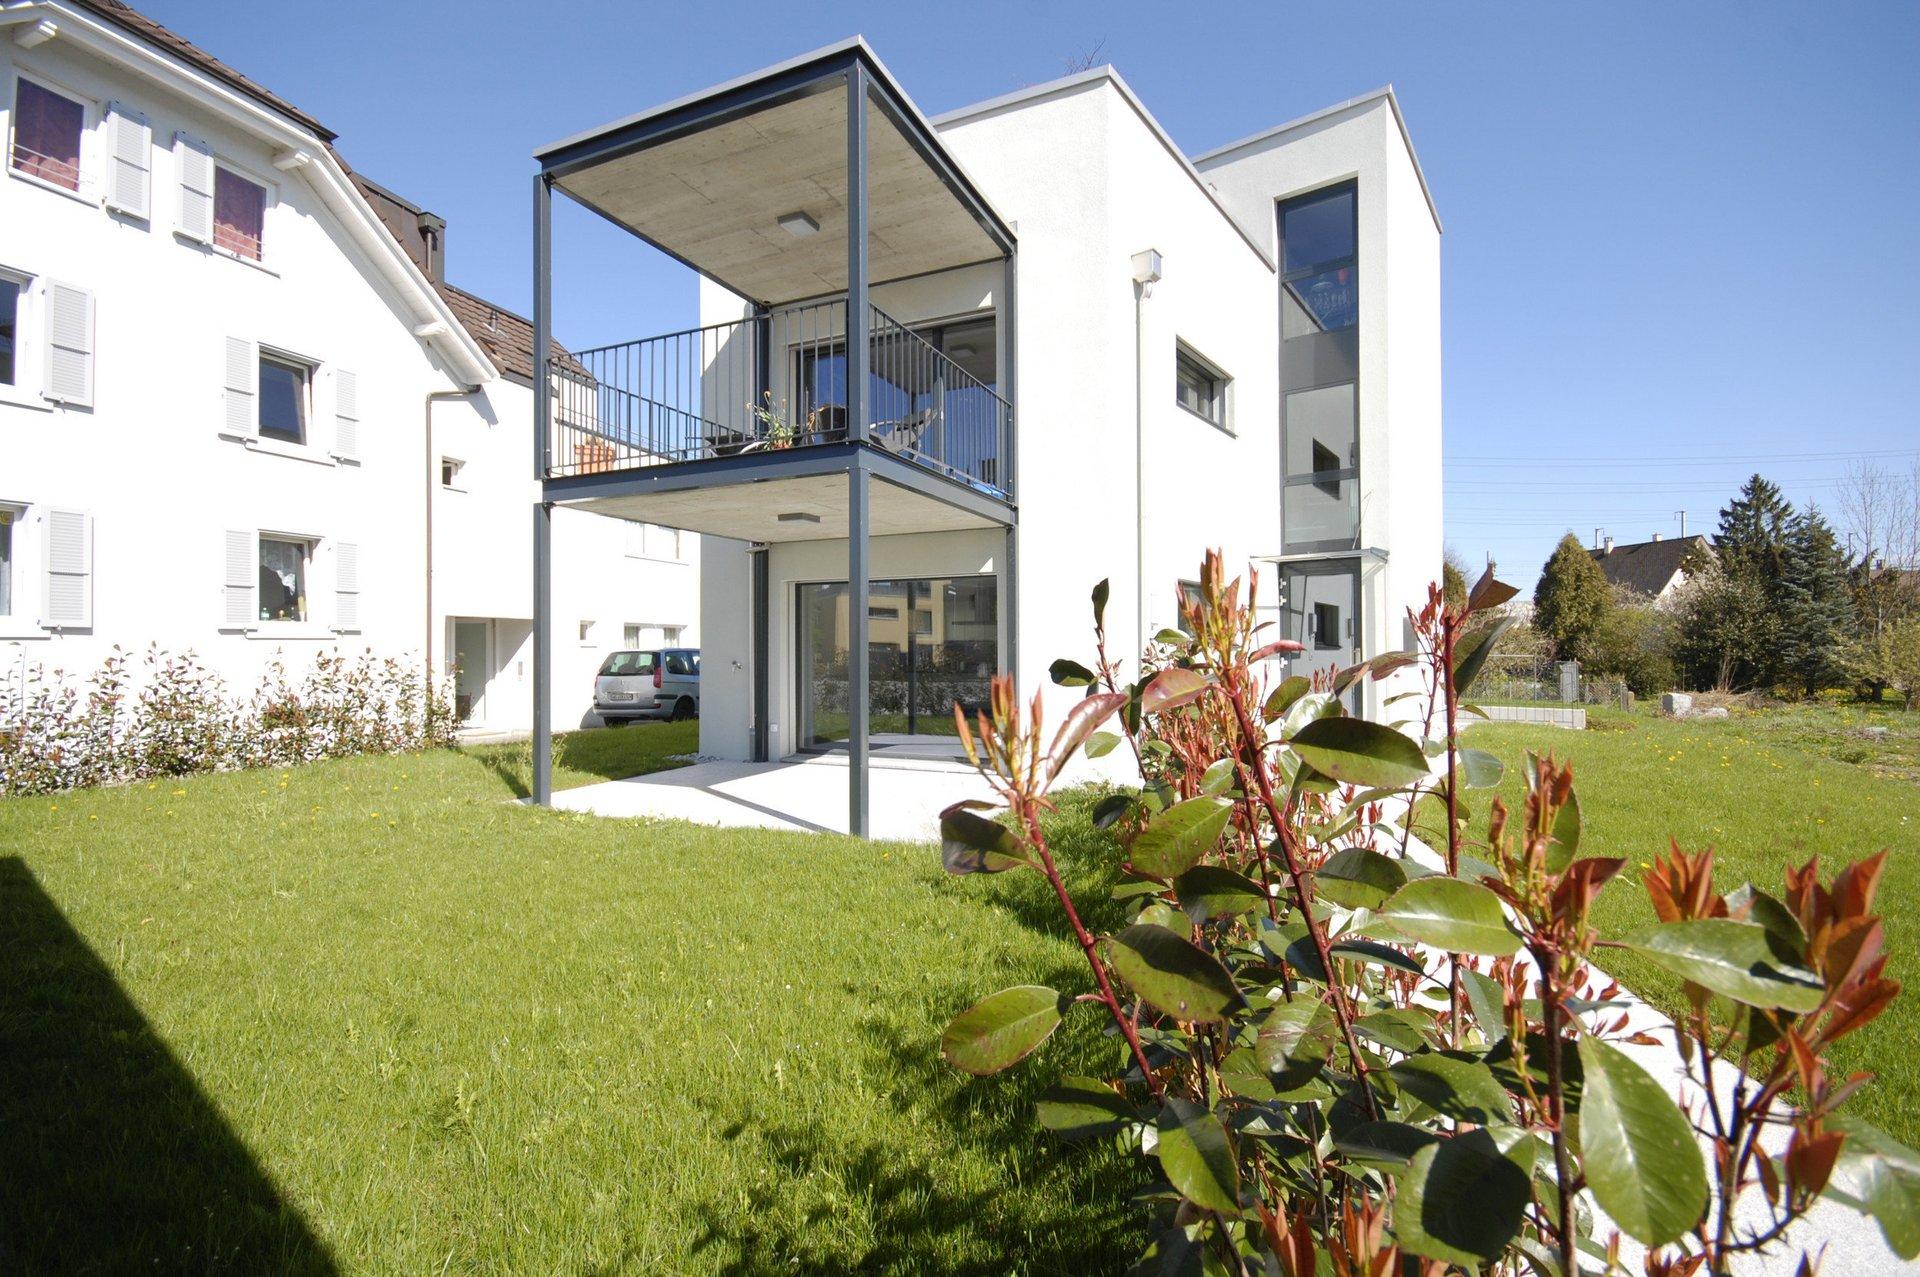 Neubau MFH mit ganzmetall Elementen in Haustür + Treppenhausfenster